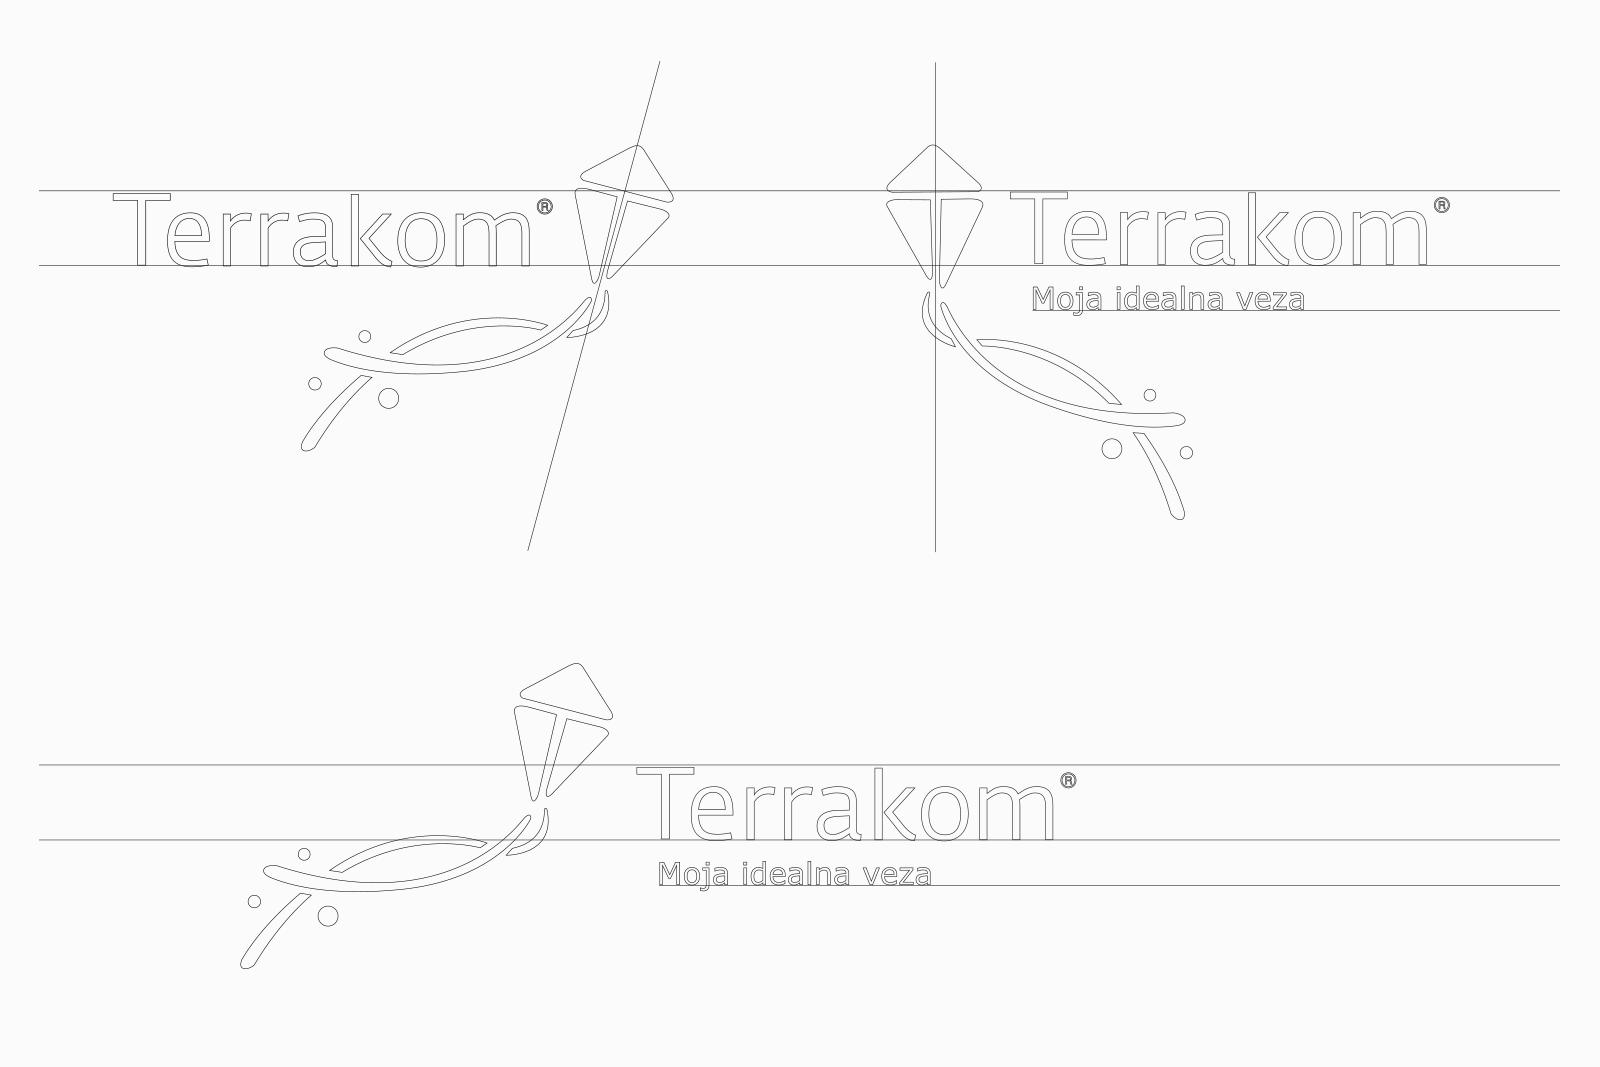 terrakom_logo_proportions.png